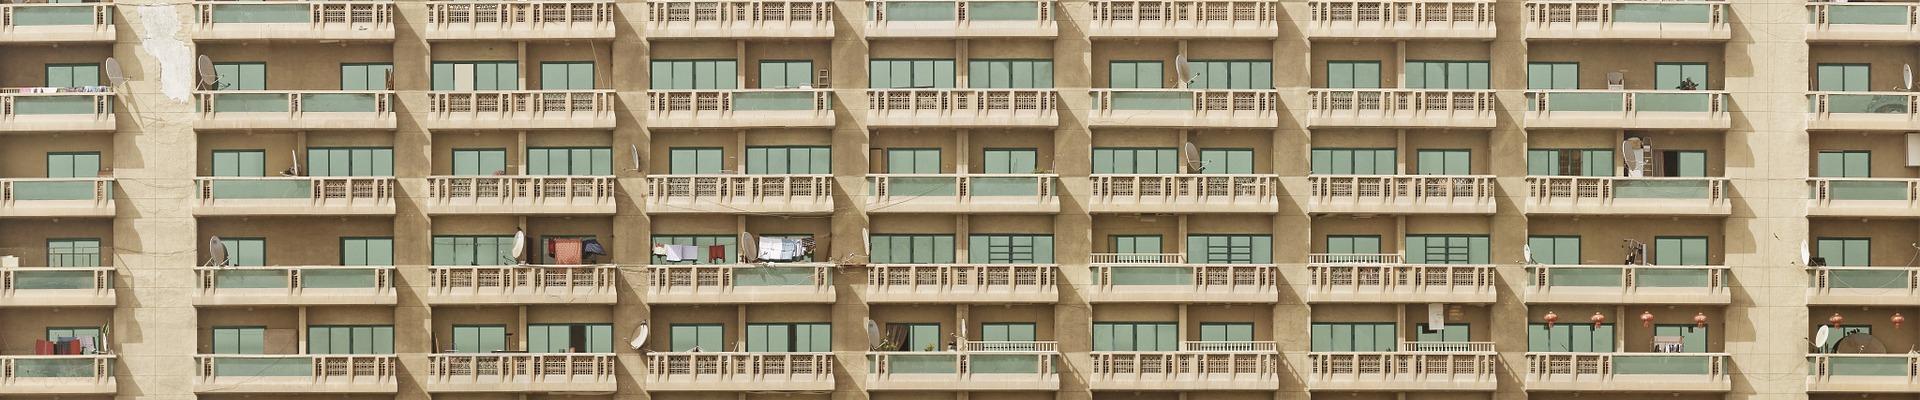 gemeinschaftlich Leben im Wohnblock